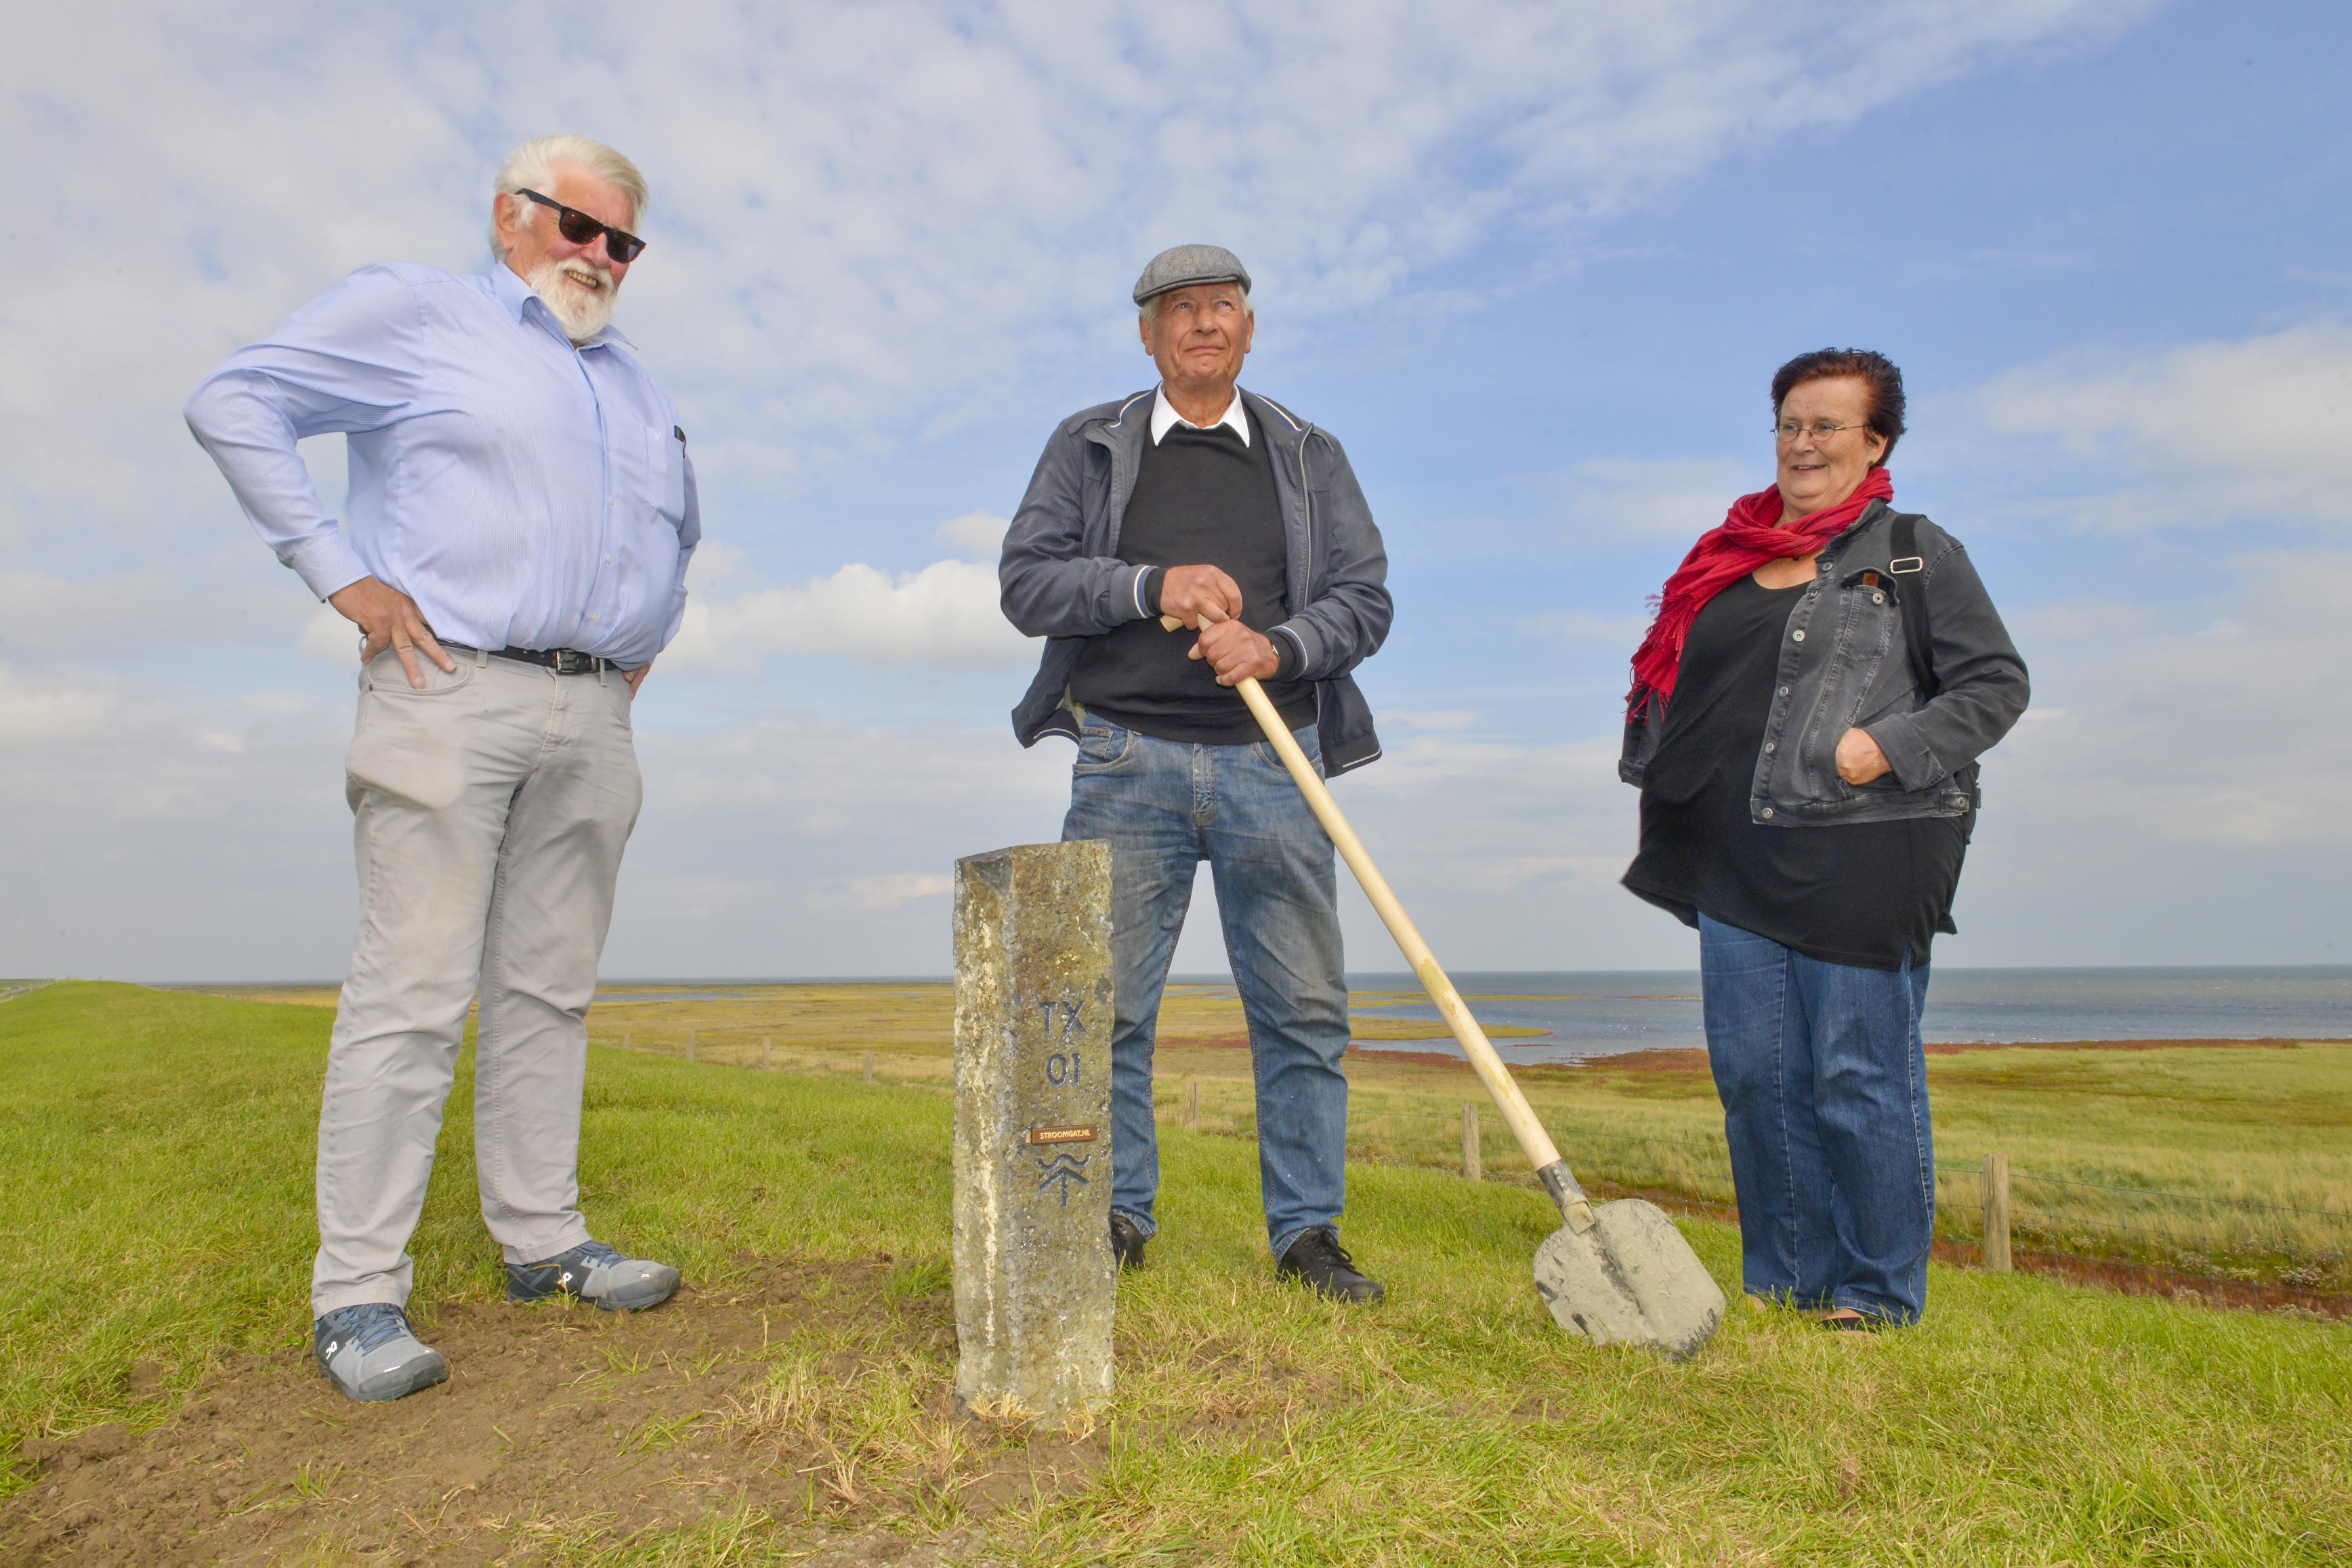 Stroomgatpaaltje markeert plek van watersnoodramp op Texel waarbij zes eilanders verdronken